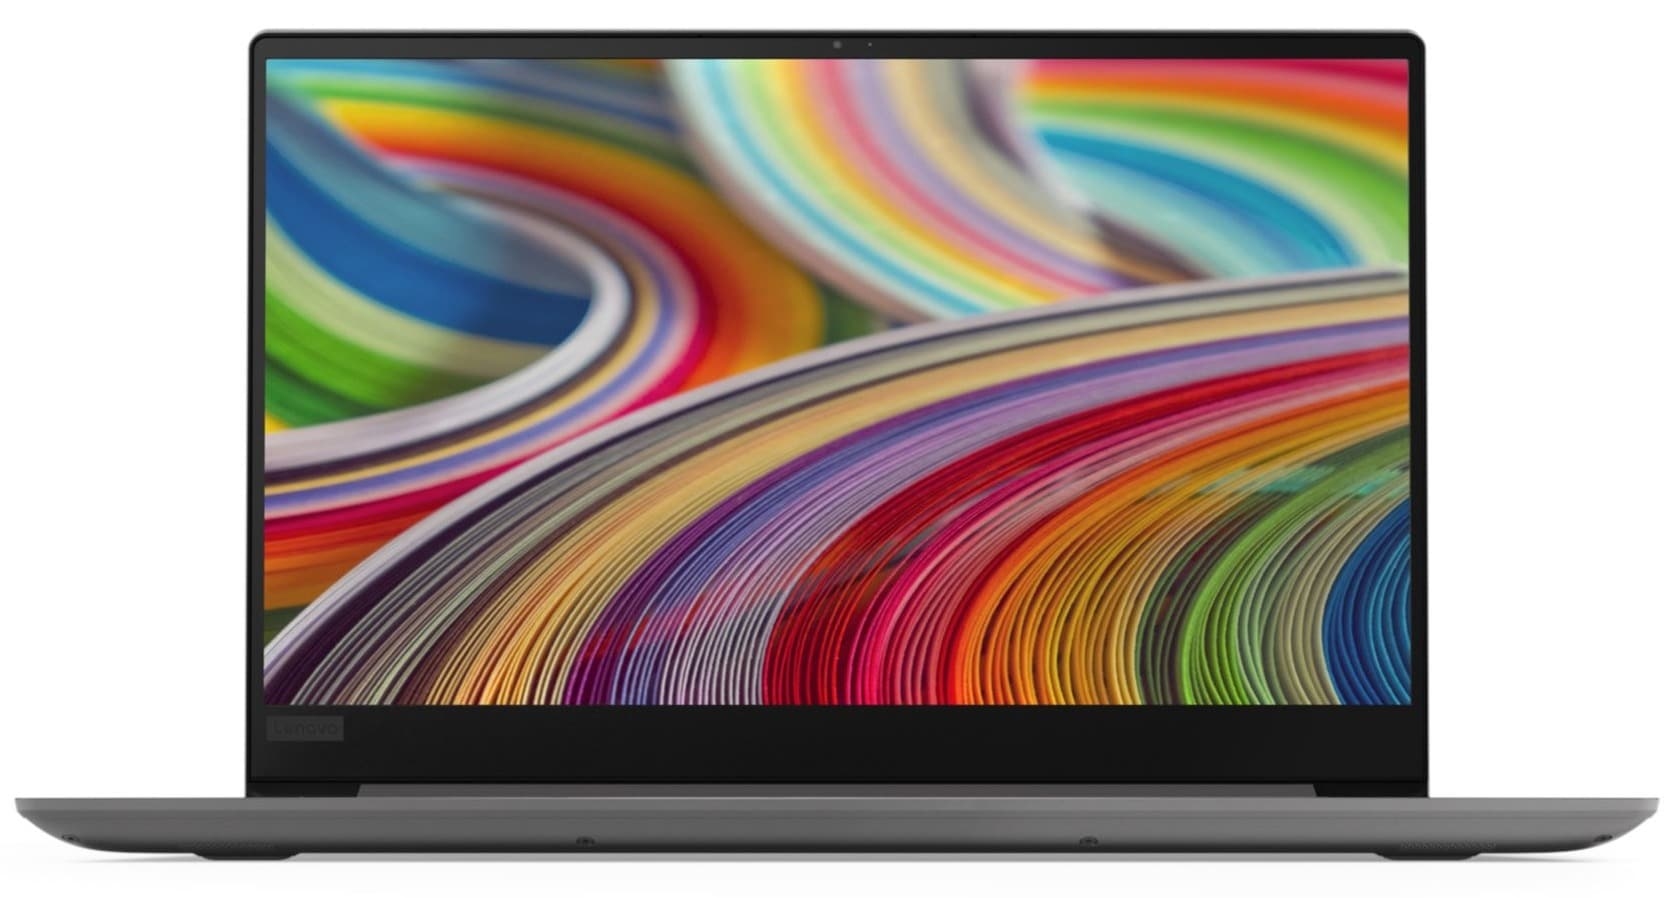 Revue de presse des tests publiés sur le Web (Lenovo Ideapad 720S-15IKB)